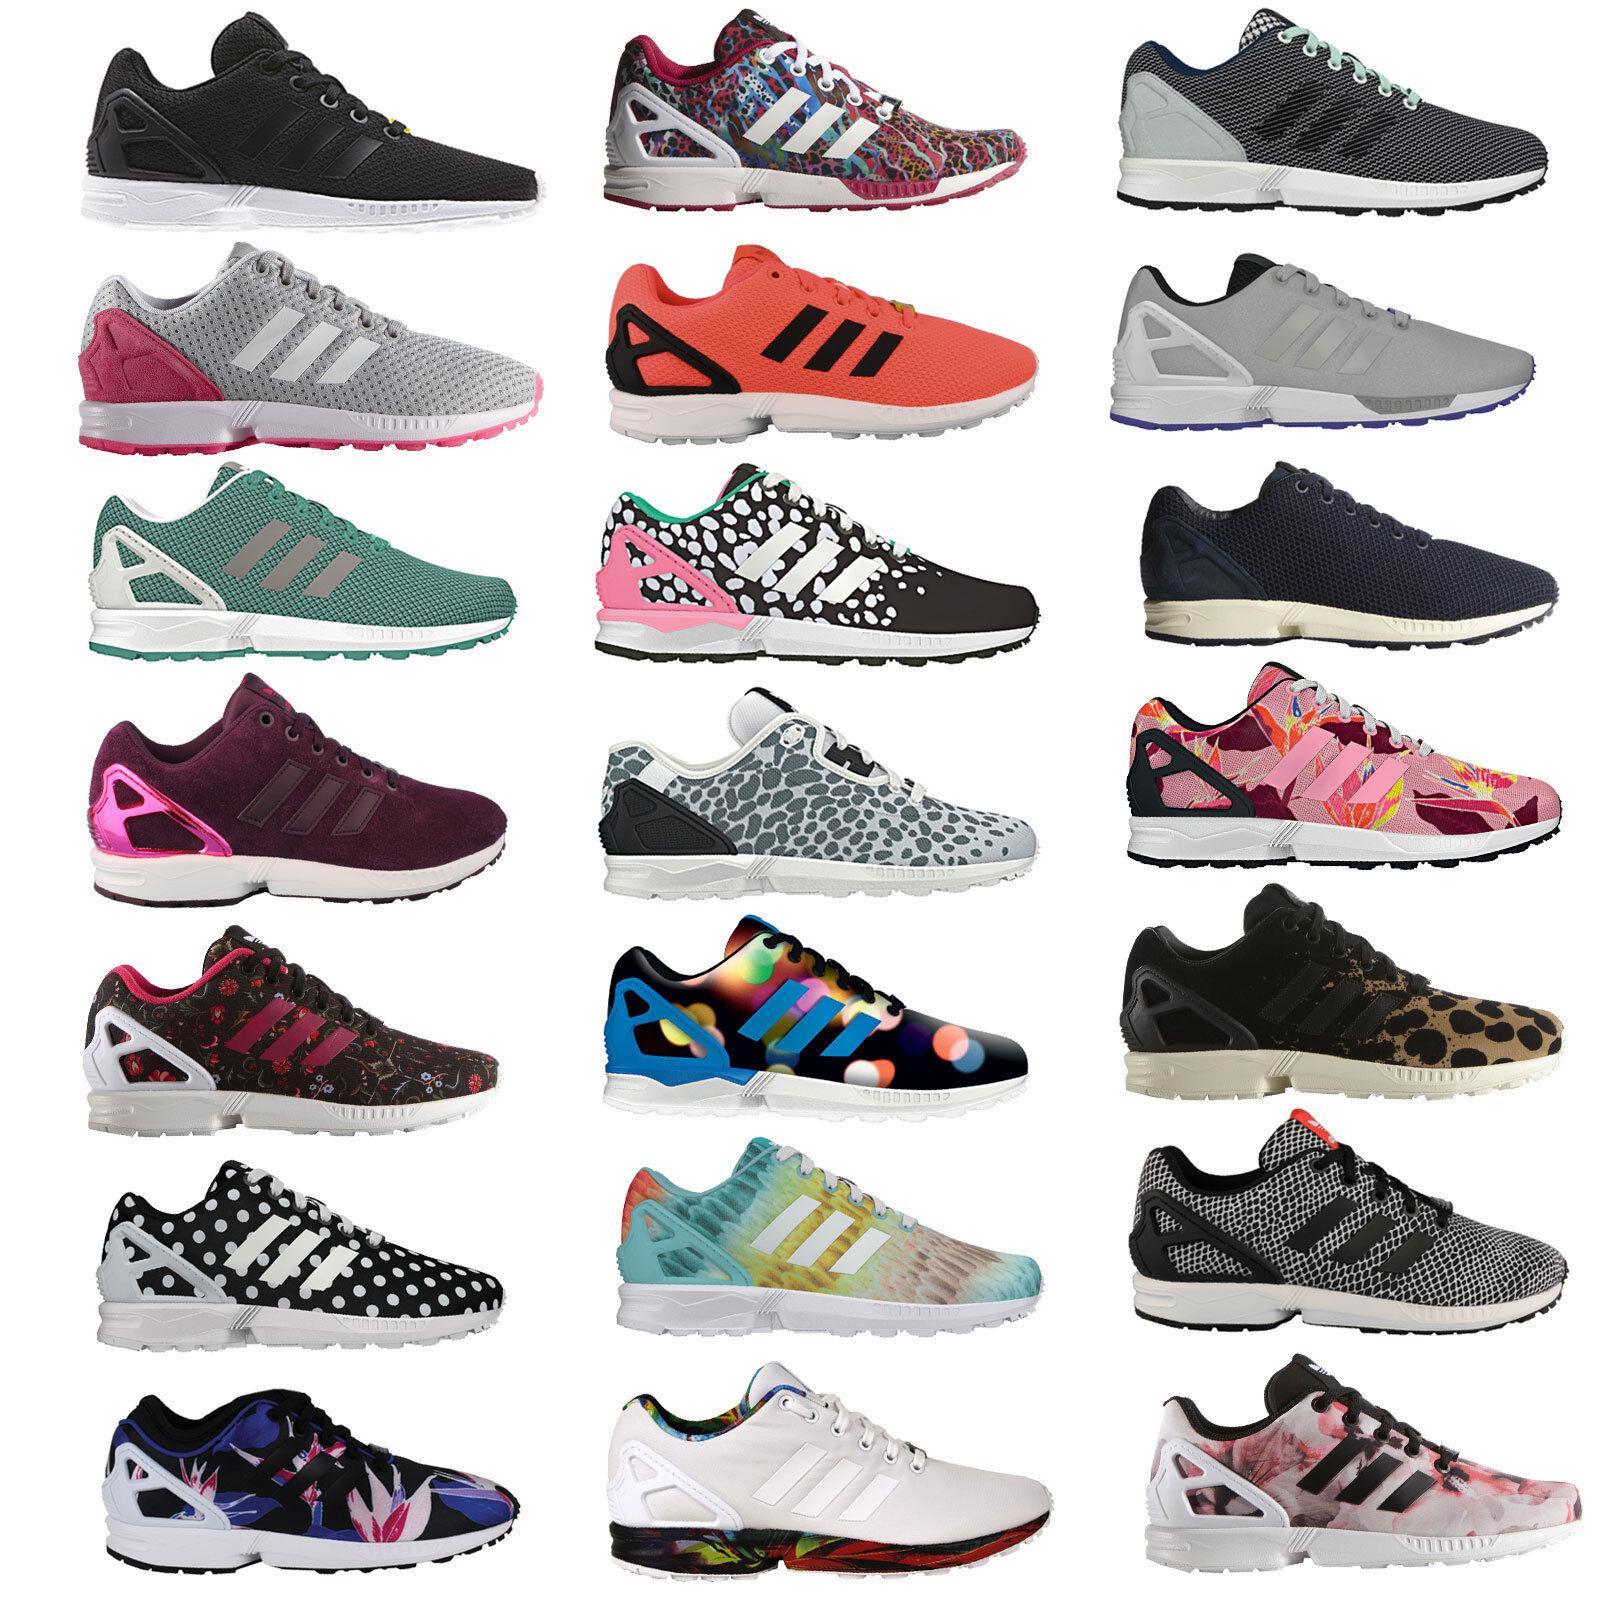 Adidas Originals ZX Flux Femmes-enfants-baskets Chaussures Basses Baskets Chaussures NEUF